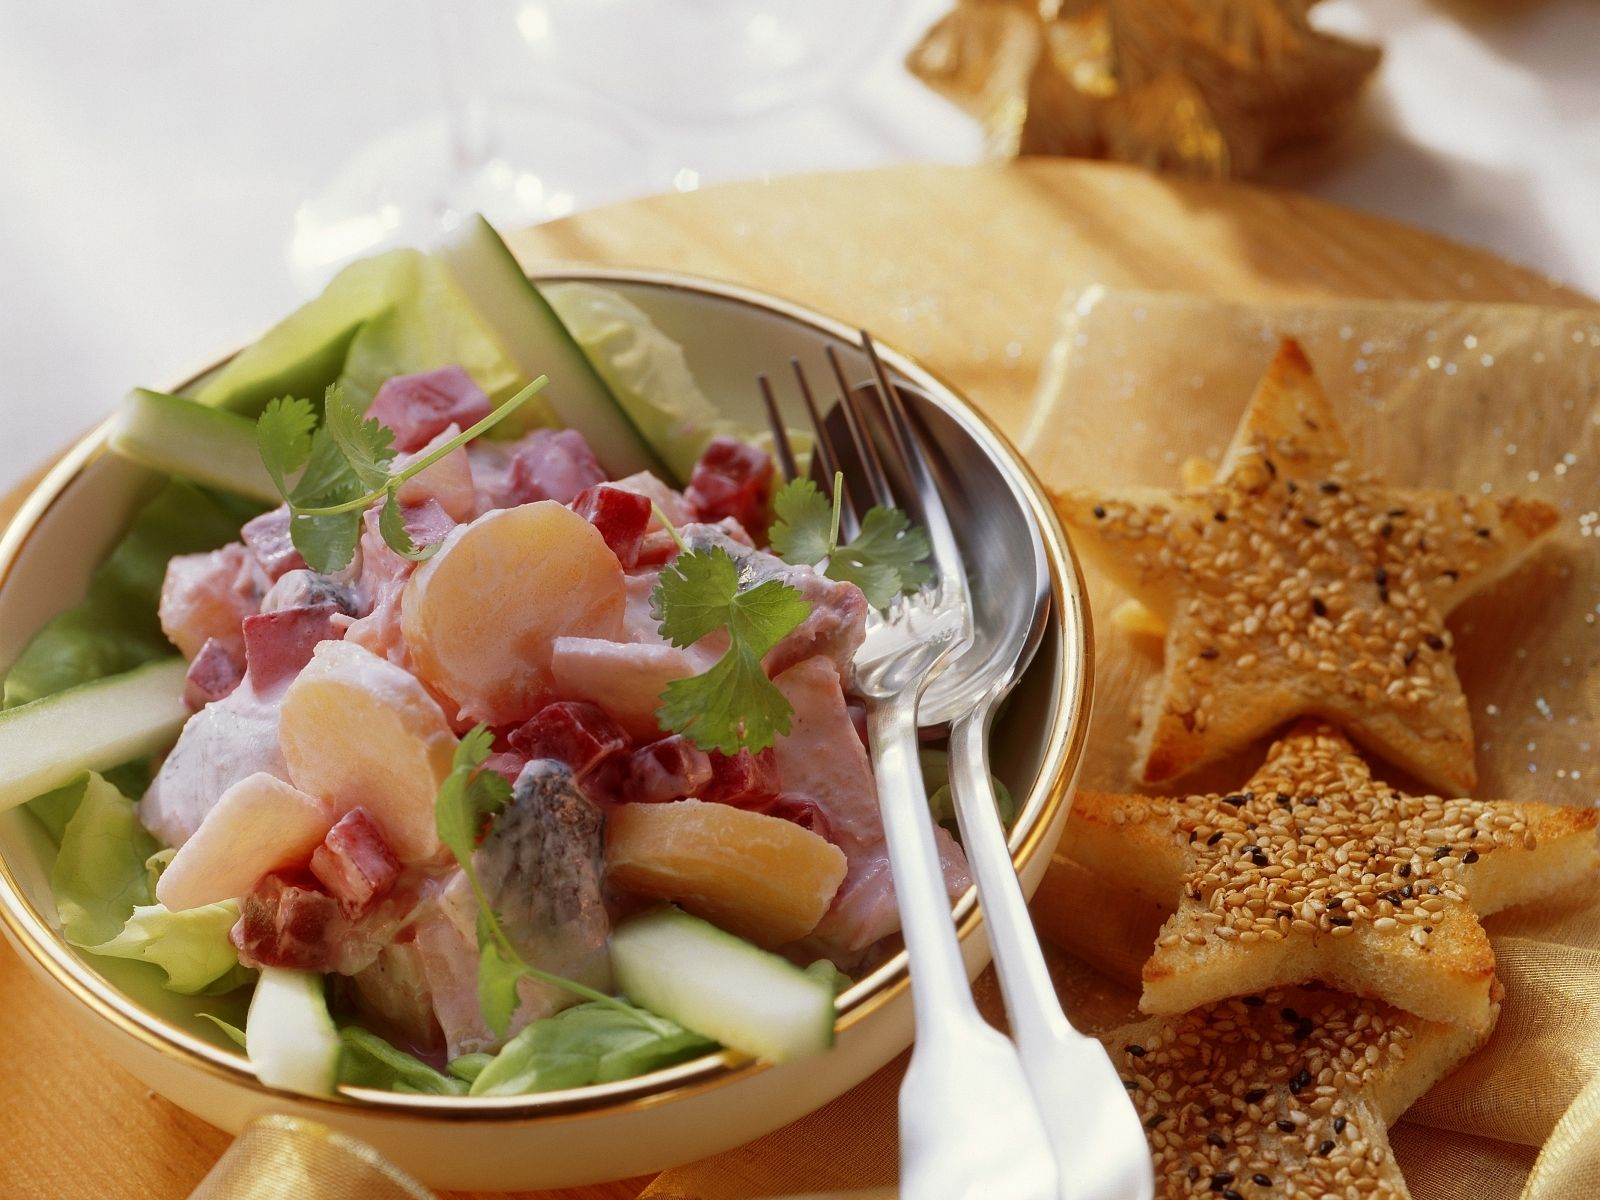 Rote Bete Hering Salat Und Sesamtoast An Weihnachten Rezept Eat